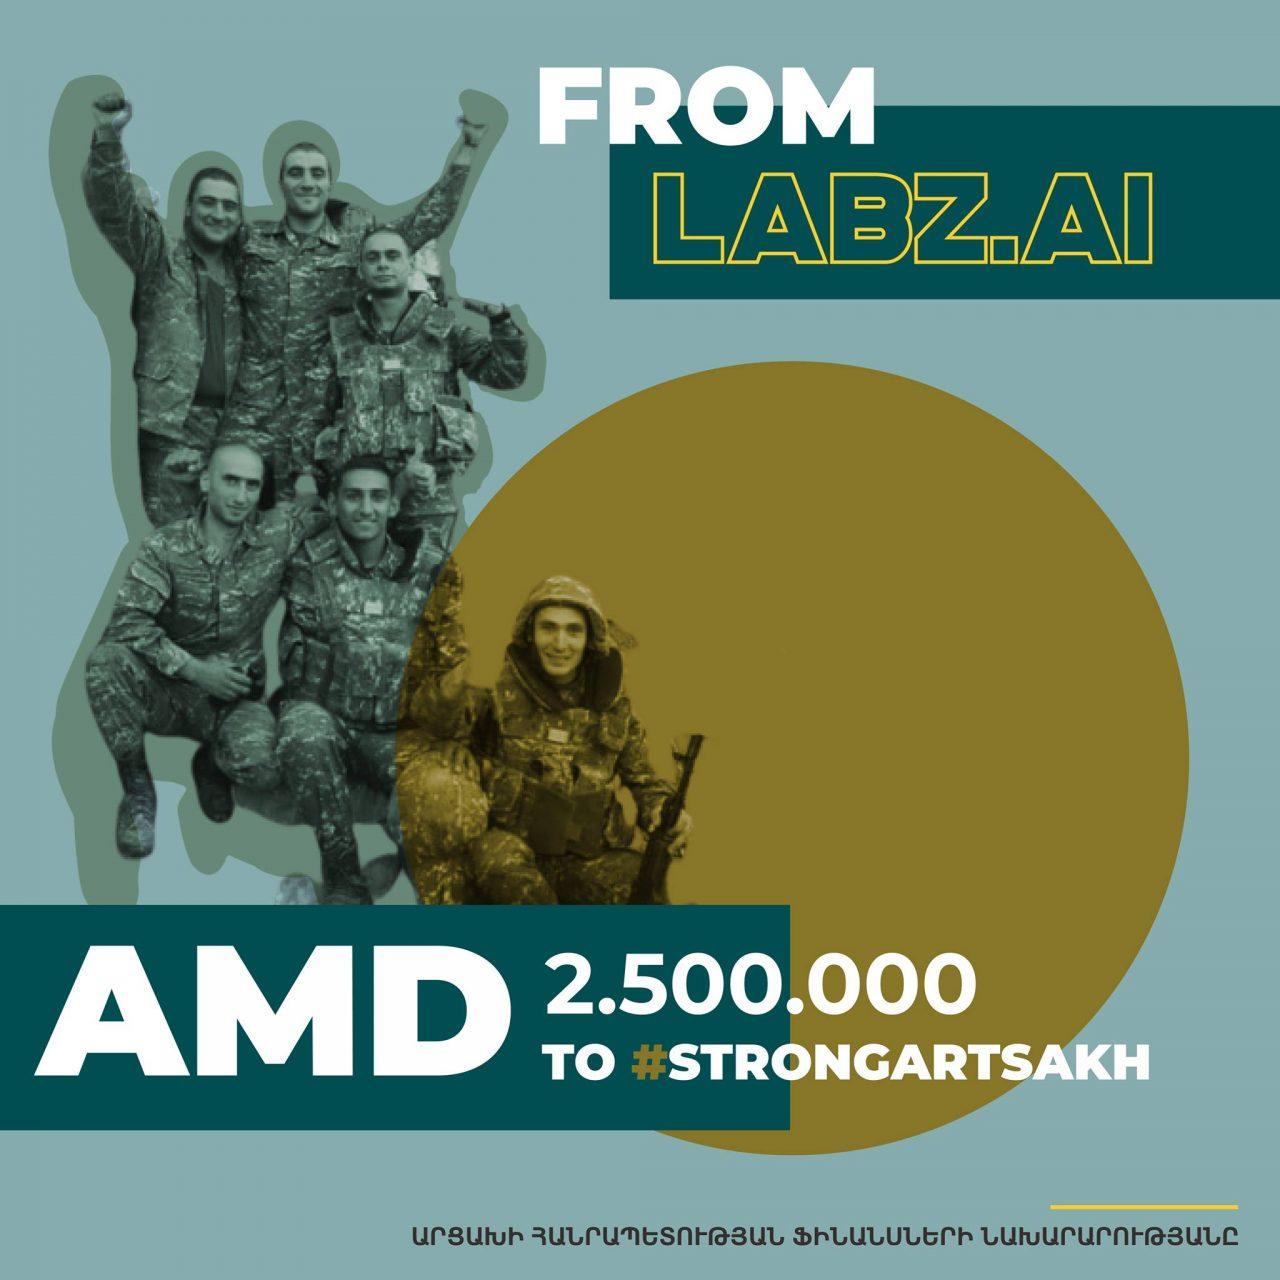 LABZ AI ընկերությունը 2,5 միլիոն դրամ է փոխանցել Արցախի ֆինանսների նախարարությանը